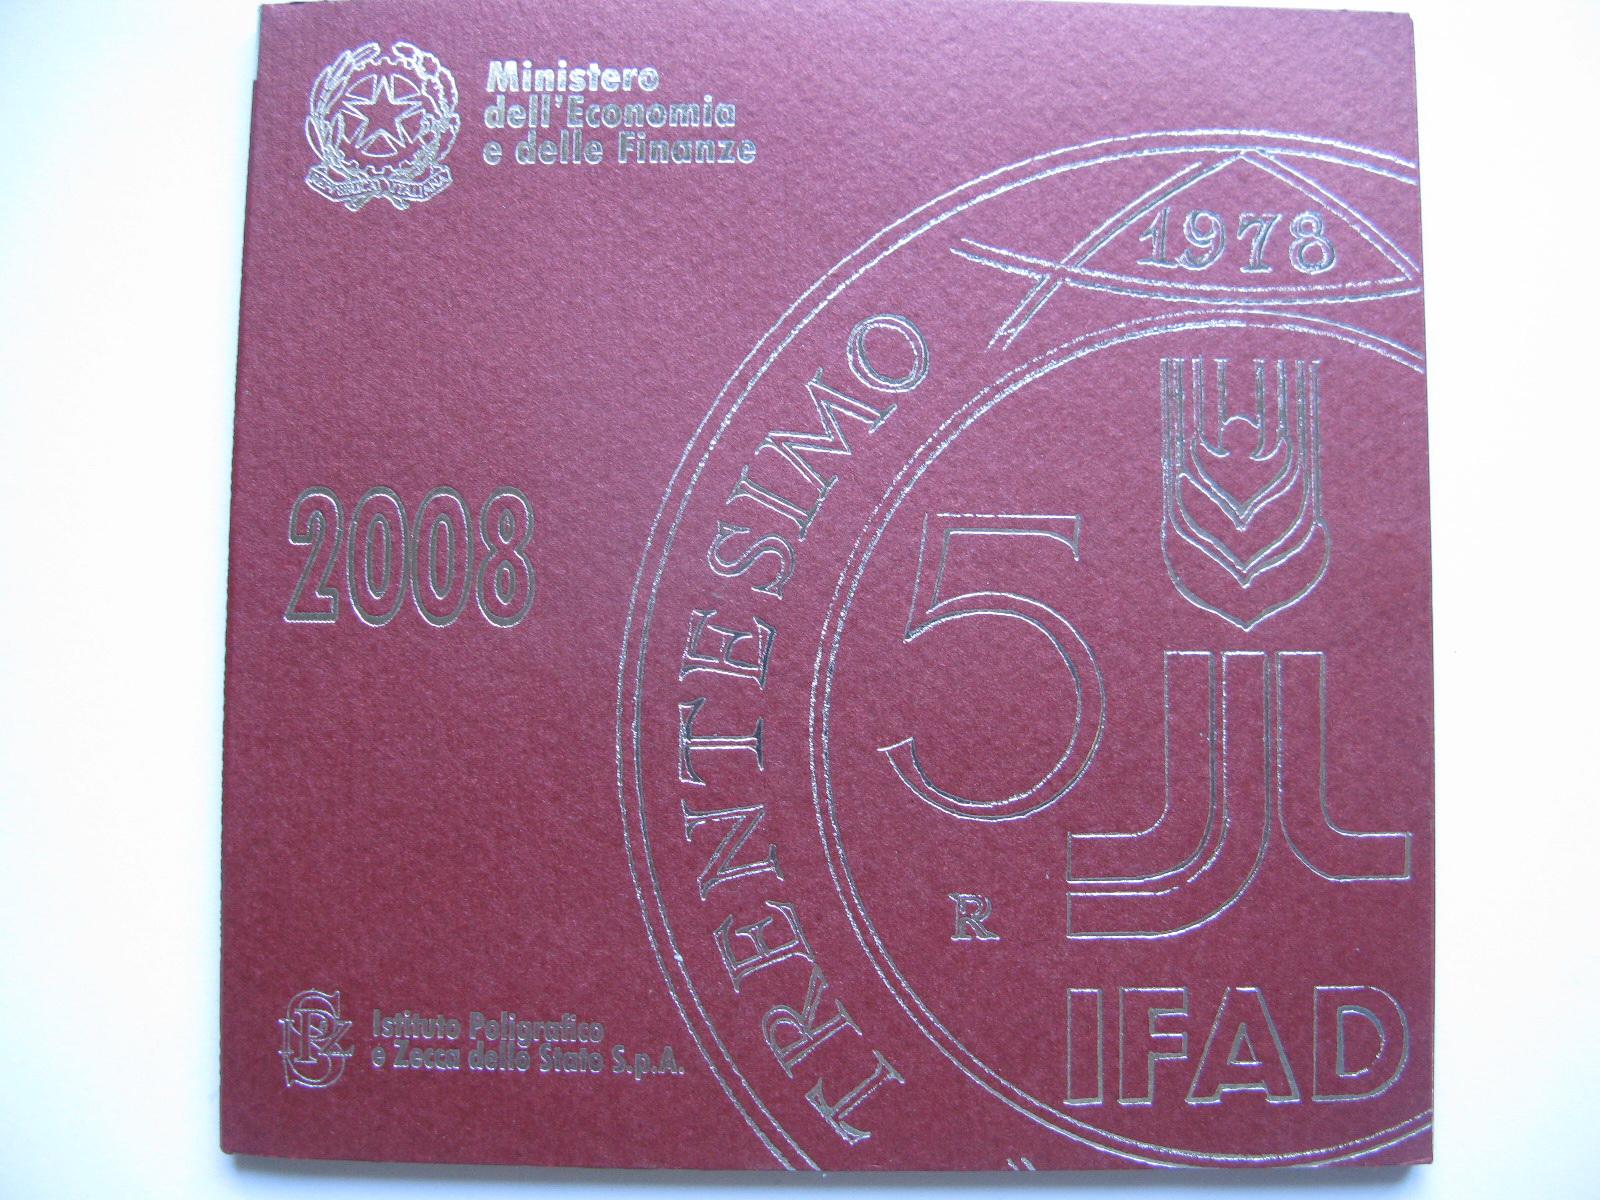 Италия официальный набор евро монет  2008 г.